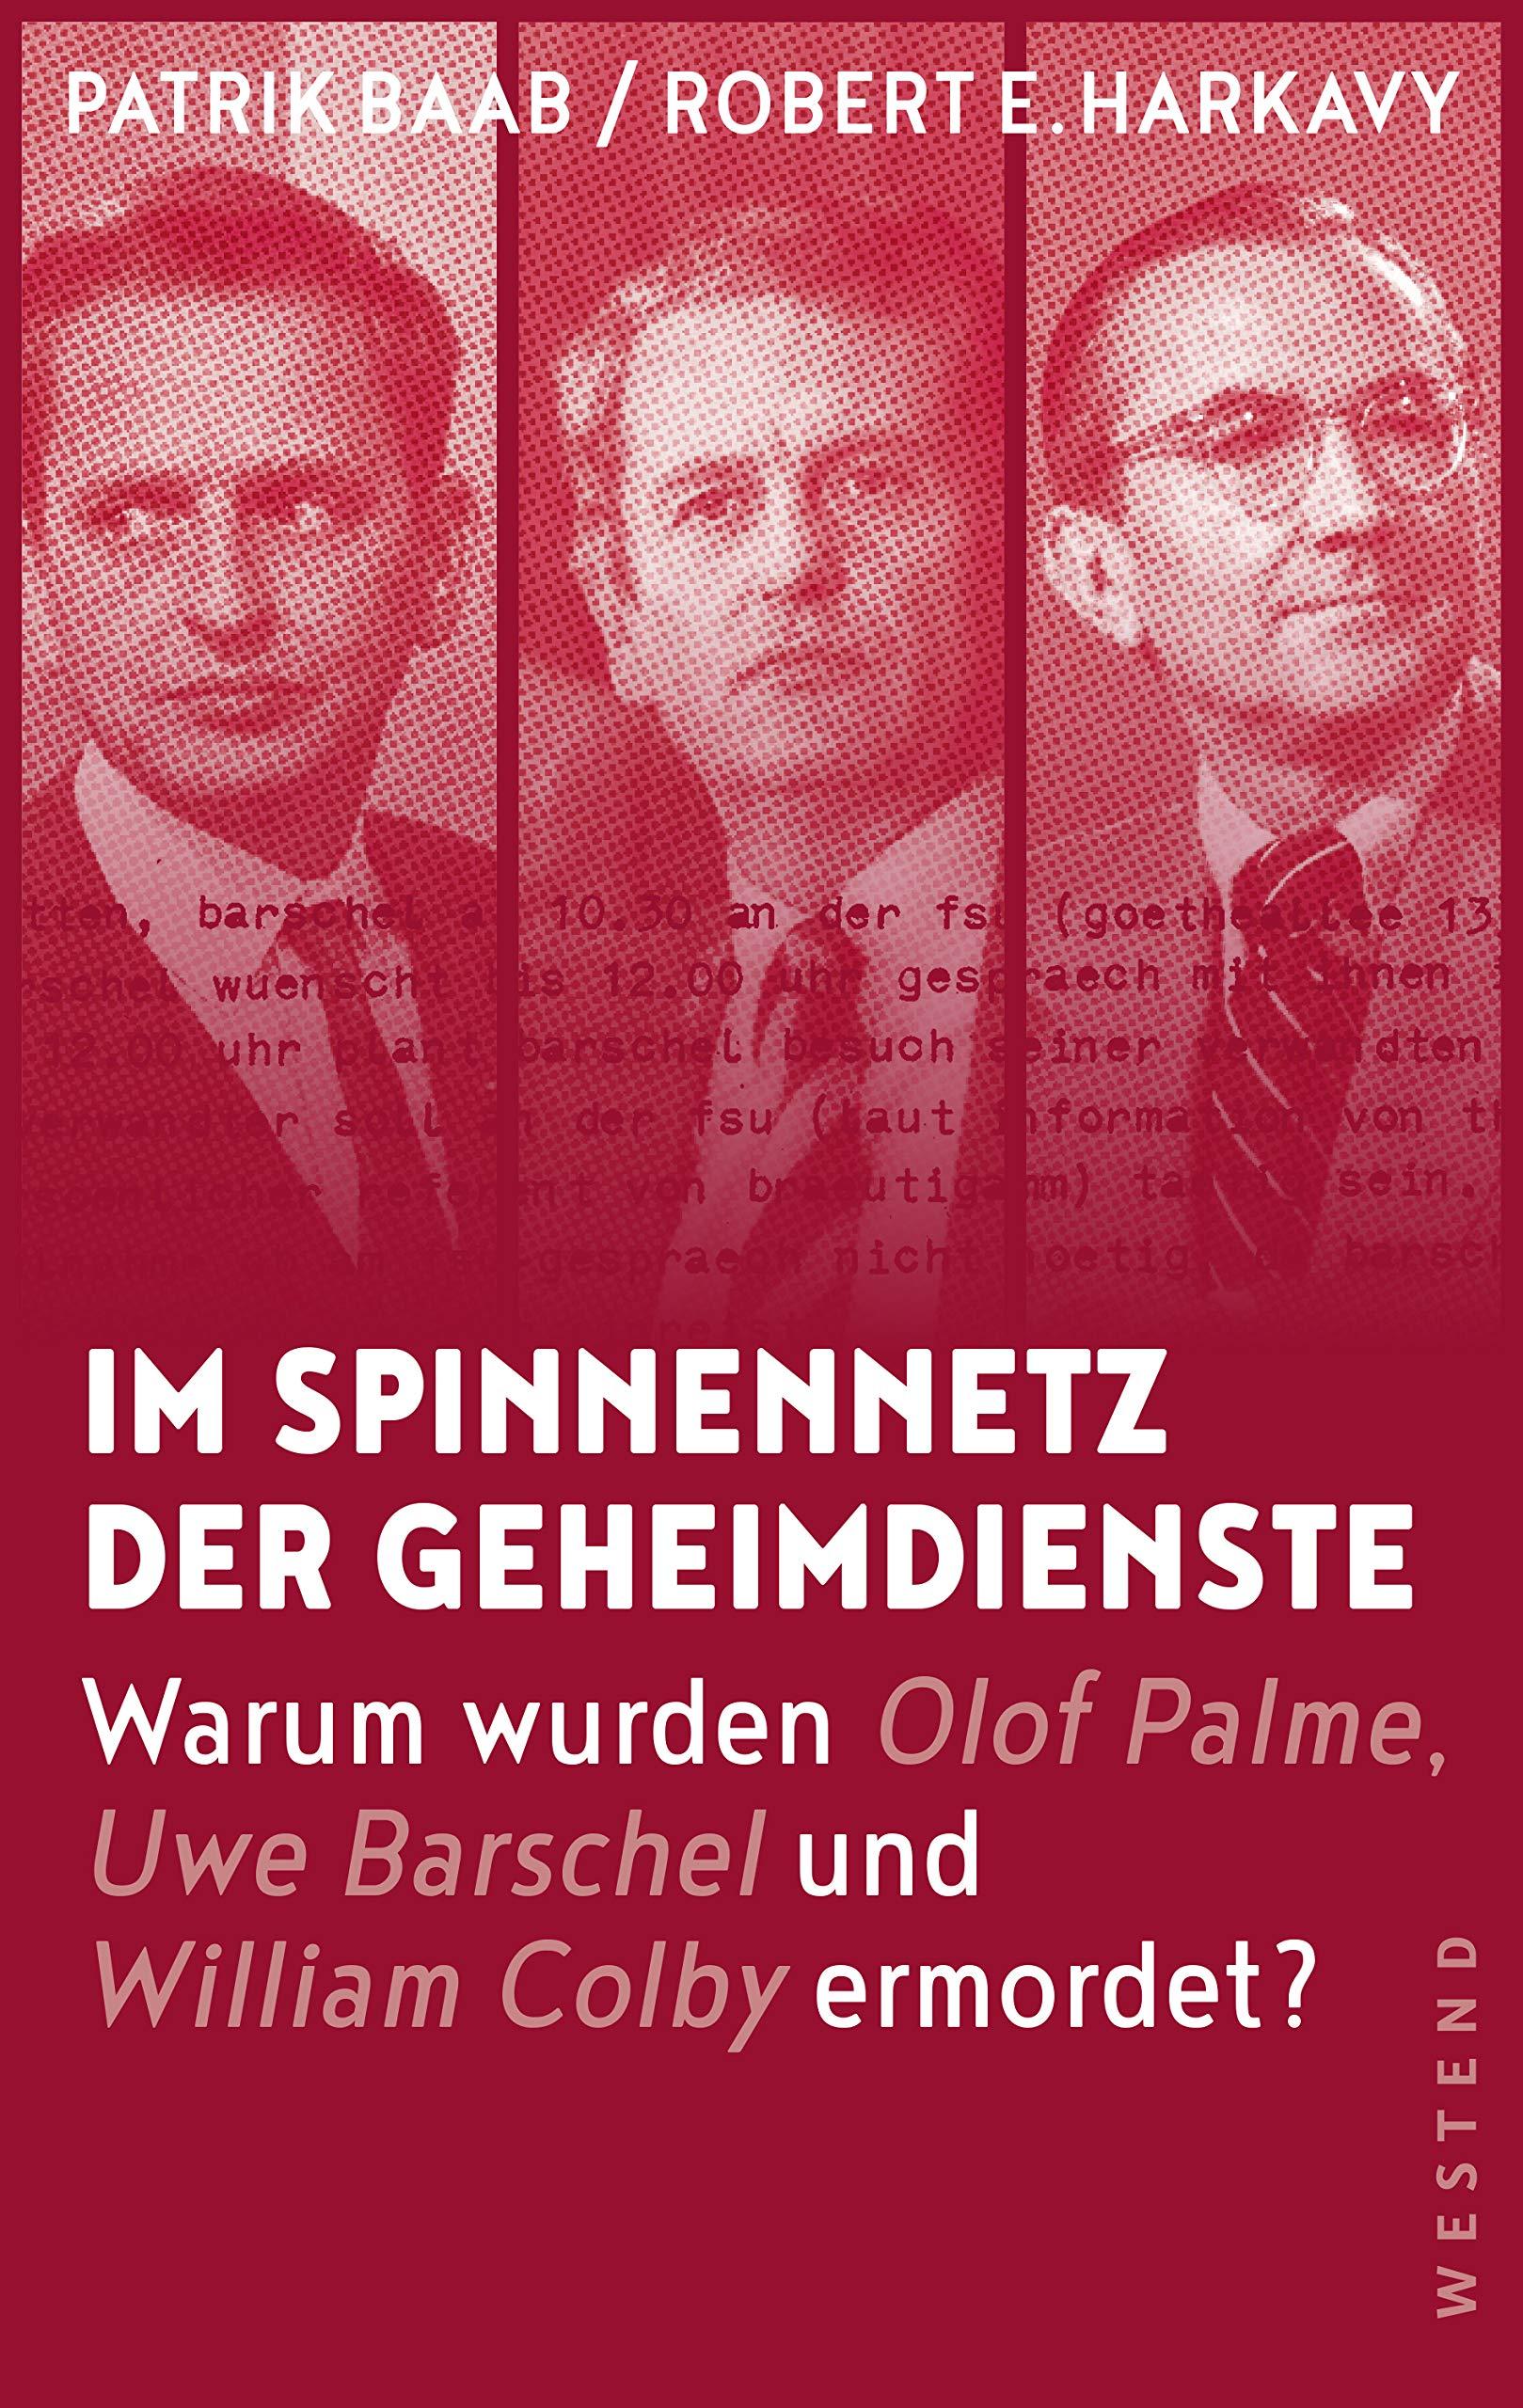 Im Spinnennetz der Geheimdienste: Warum wurden Olof Palme, Uwe Barschel und William Colby ermordet? Taschenbuch – 1. Mai 2019 Patrik Baab Robert E. Harkavy Westend 3864892503